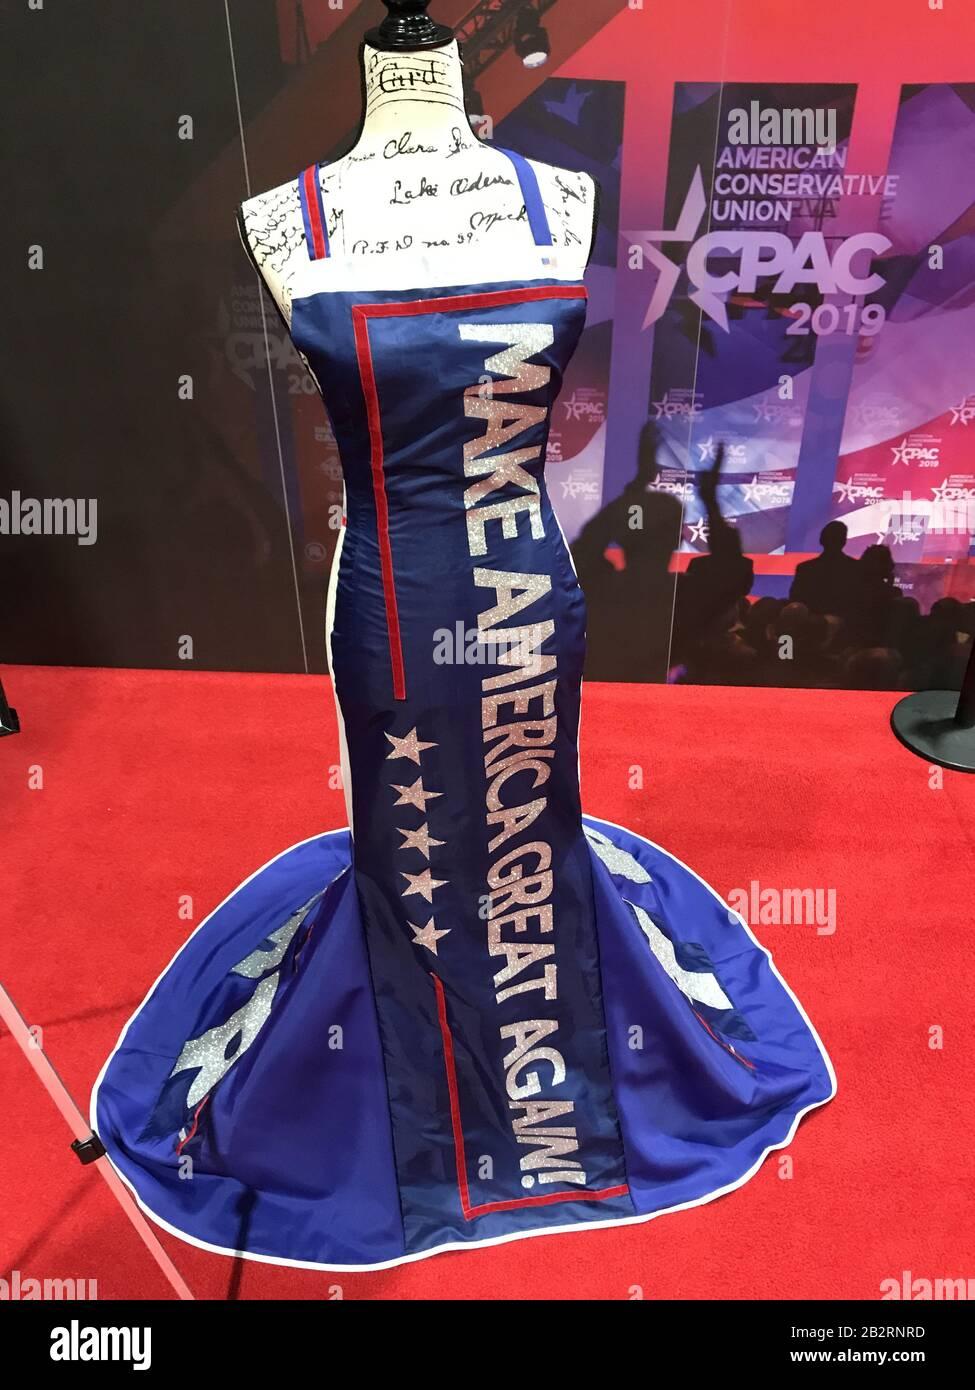 Oxon Hill, Md, États-Unis. 28 février 2020. 28 février 2020, Oxon Hill, Md, États-Unis : la marchandise et les souvenirs politiques sont disponibles à la Conférence d'action politique conservatrice (CPAC) à National Harbour, Maryland, États-Unis, le vendredi 28 février 2020. Le président Trump s'adressera cette année au CPAC après avoir traité du coronavirus et de la manière dont les États-Unis prévoient de l'empêcher de se propager. Crédit: Alex Wroblewski /CNP.(RESTRICTION: Pas de journaux ou journaux New York ou New Jersey dans un rayon de 120 milles de New York City) crédit: Matthias Oesterle/ZUMA Wire/Alay Live News Banque D'Images